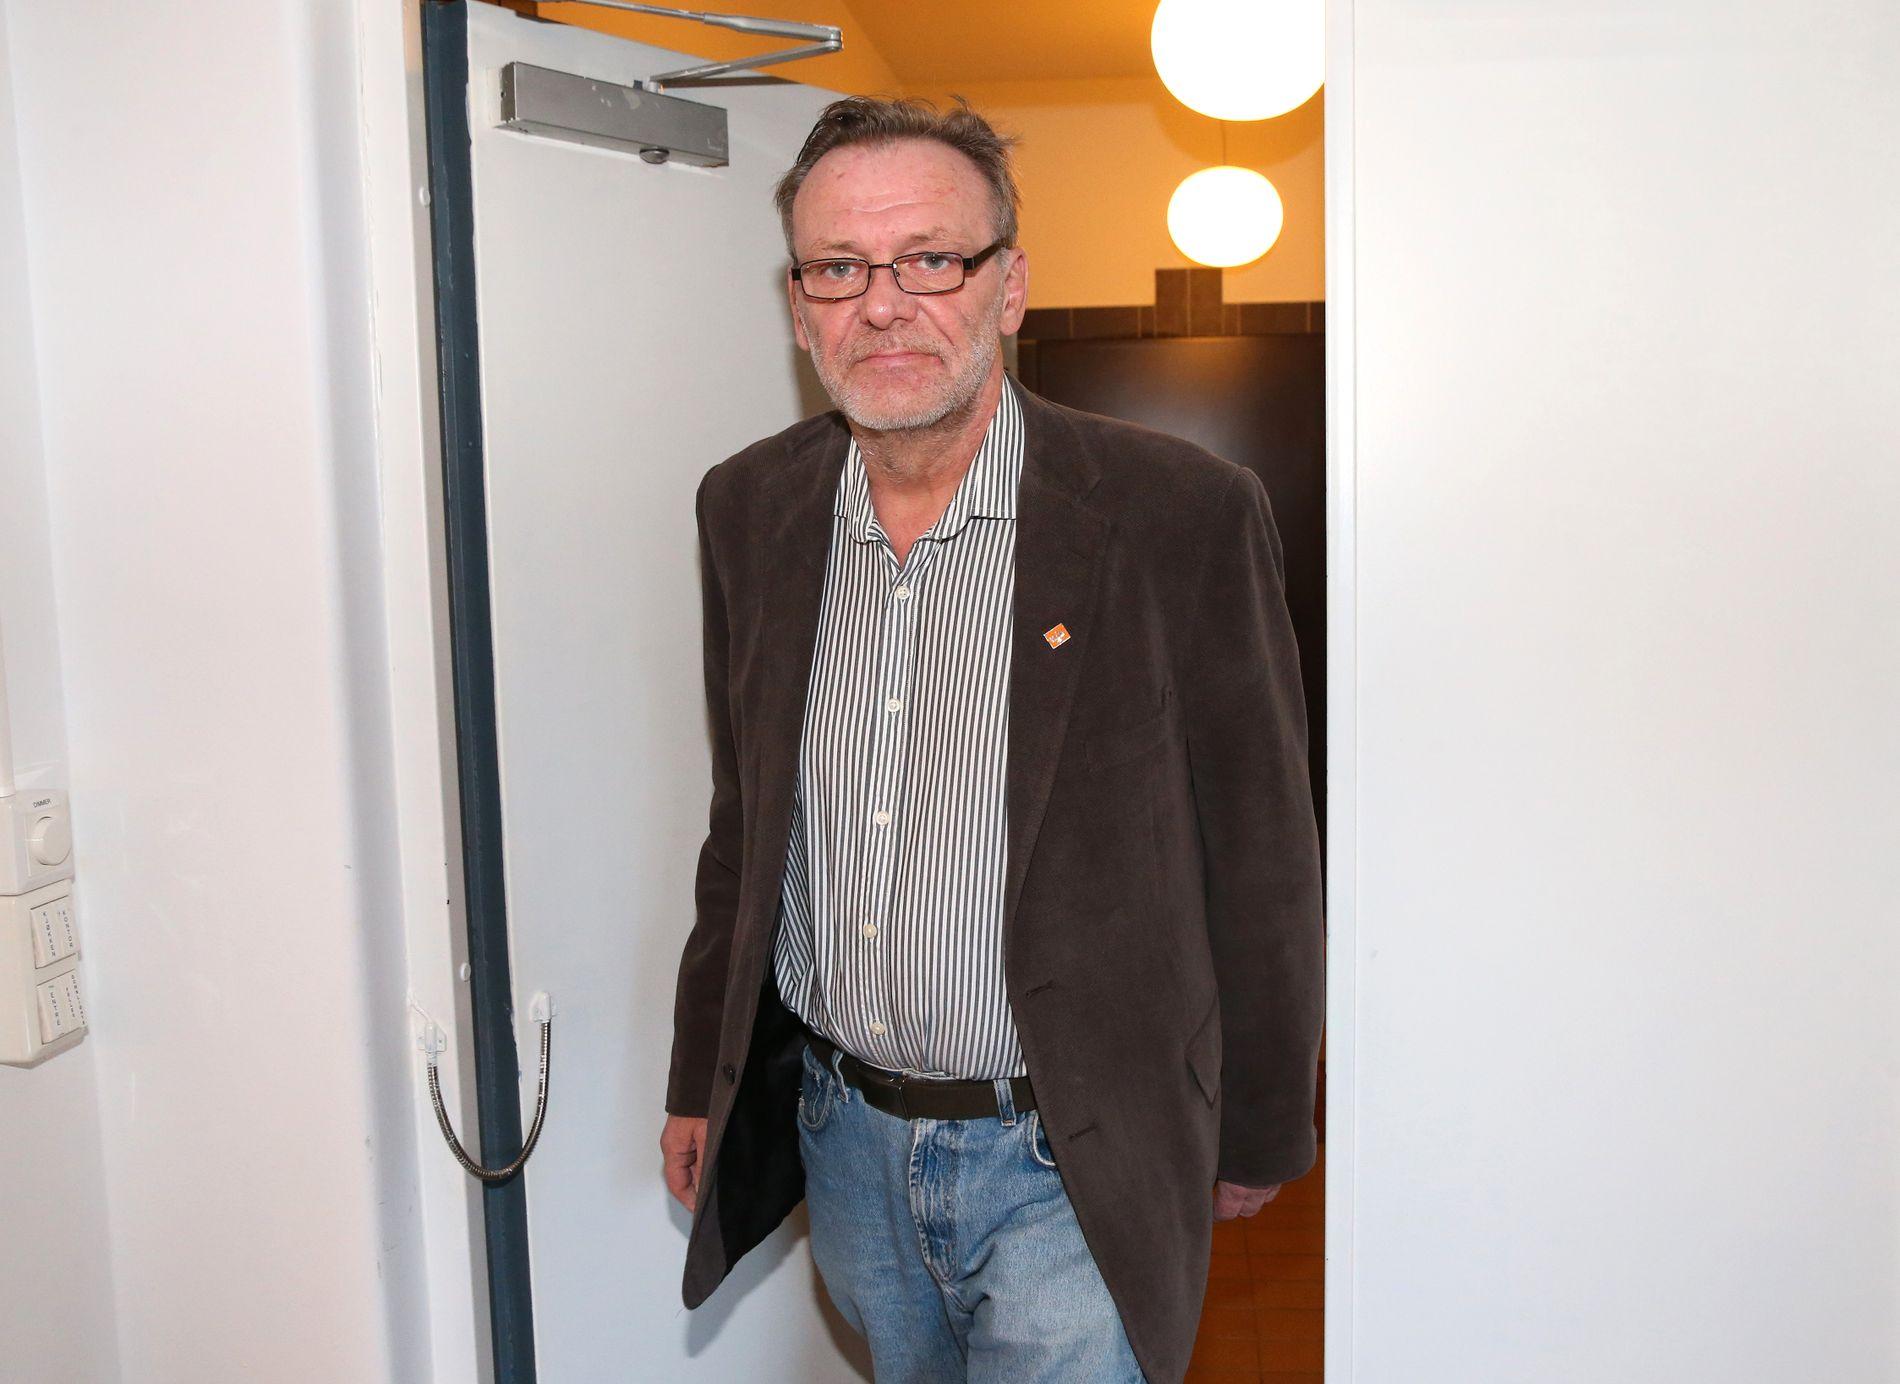 REAGERER STERKT: Jens Petter Gitlesen er leder i Norsk Forbund for Utviklingshemmede. Han mener brødrene på Tolga er blitt utsatt for et grovt overgrep.